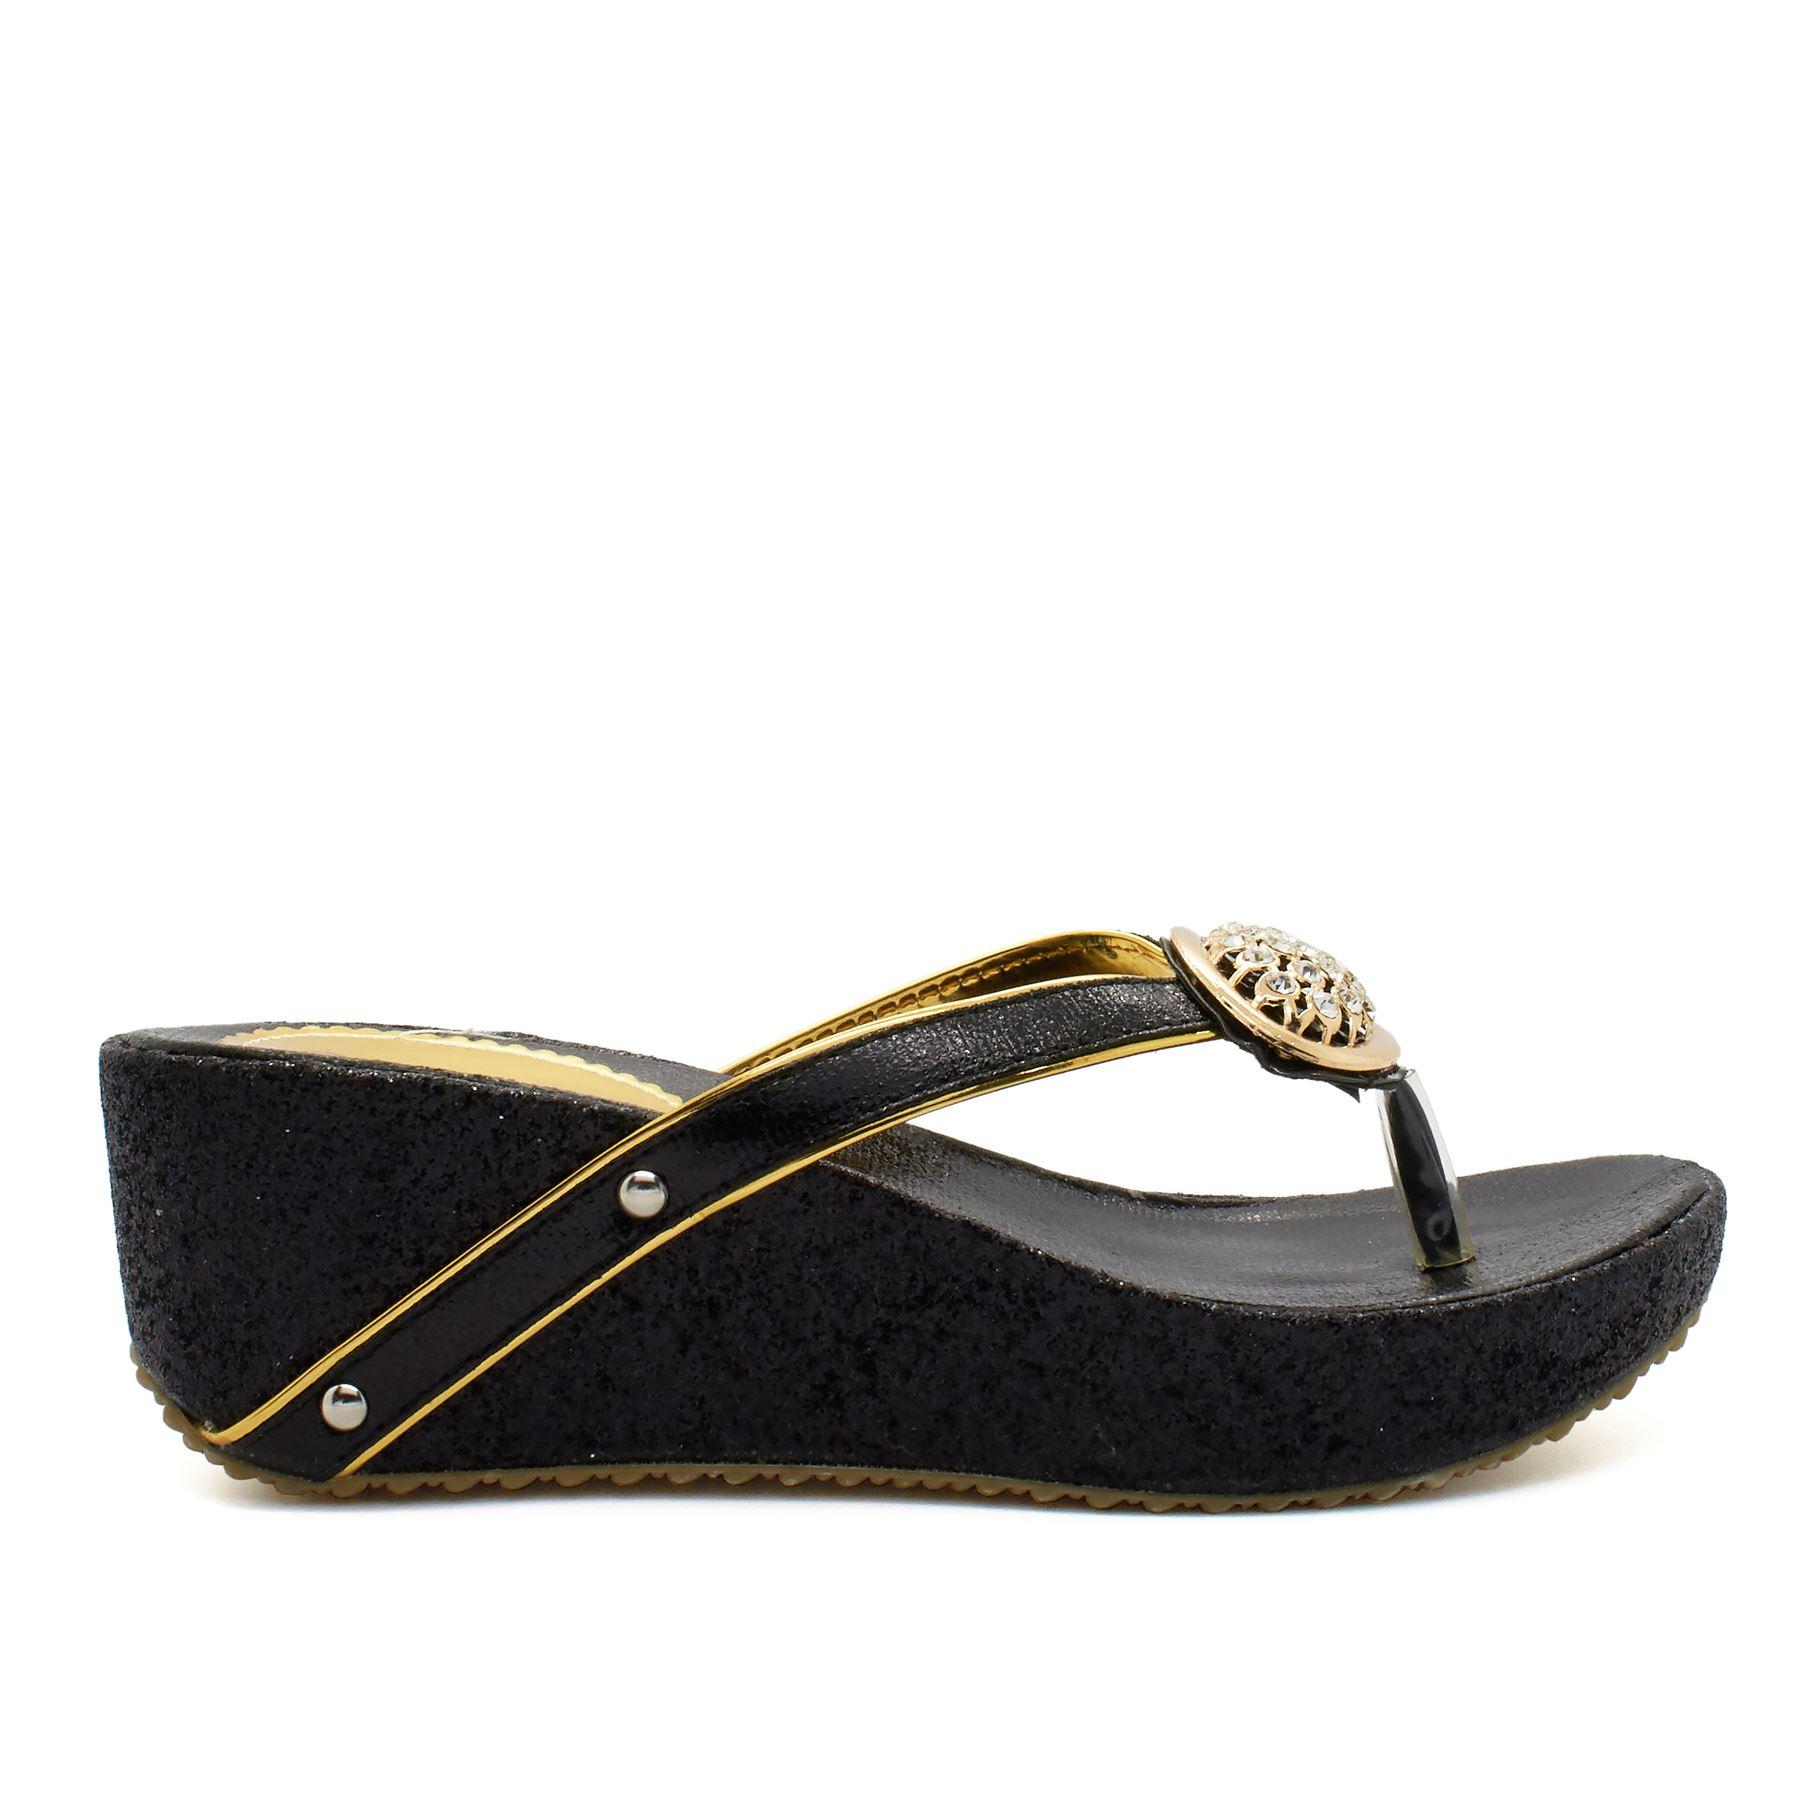 New Ladies Womens Wedges Platform Flip Flops Slippers